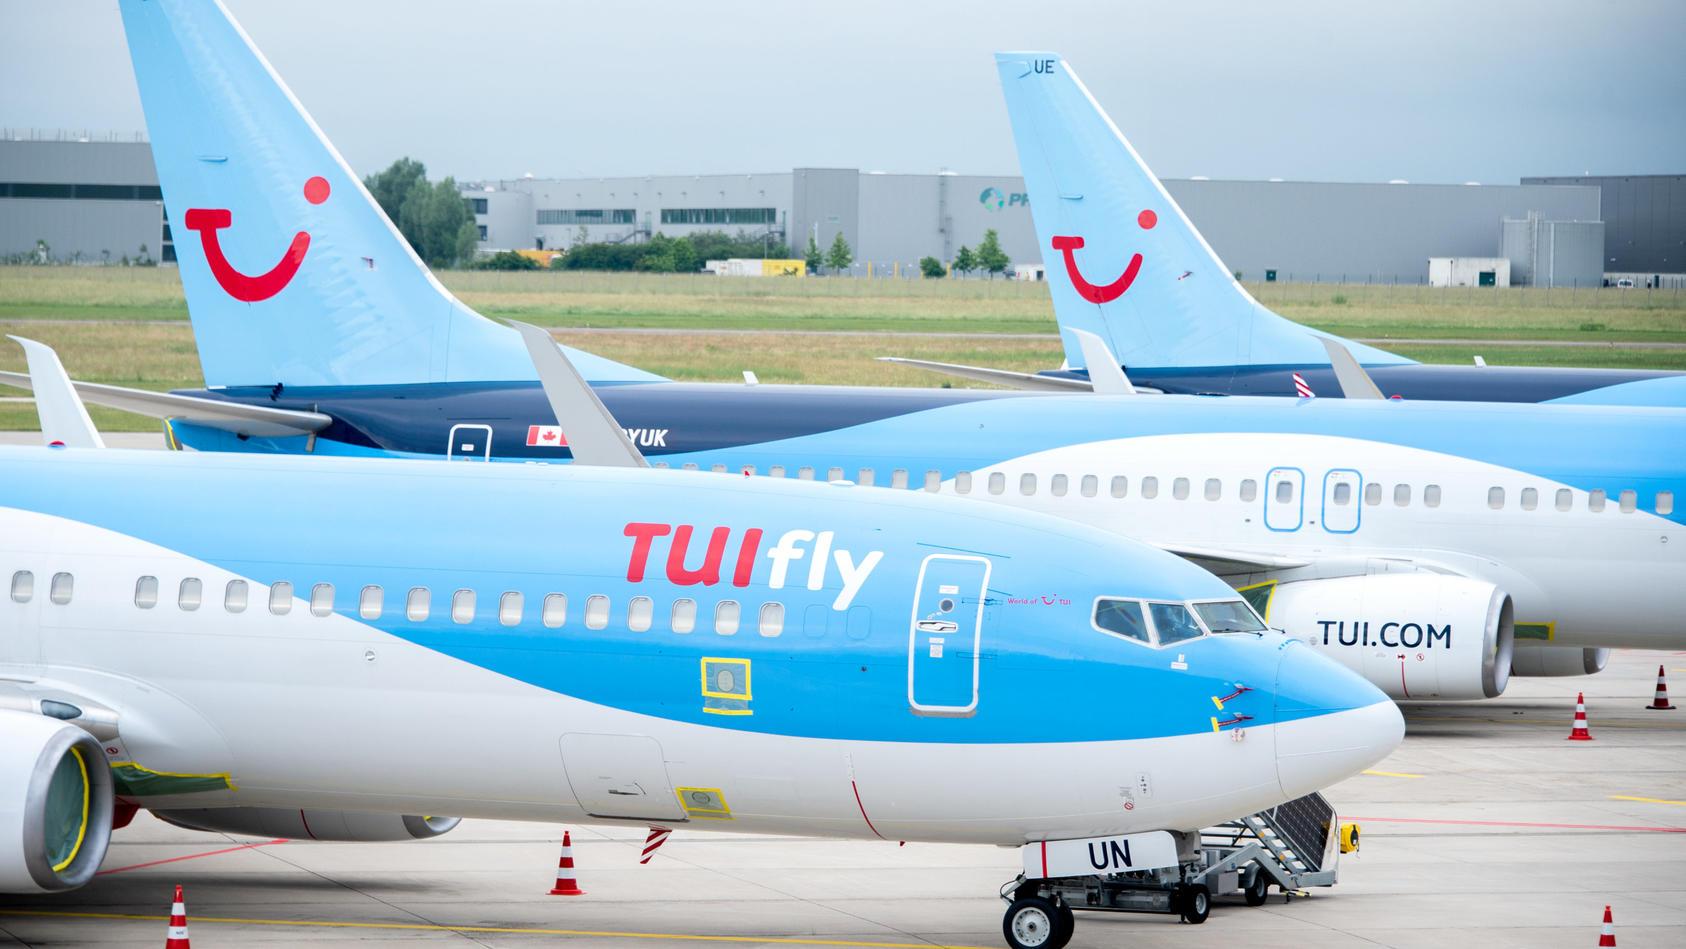 Deutsche Touristen durften im Zuge eines Pilotprojekts von TUI schon vor dem 21. Juni auf die Insel - eigentlich.